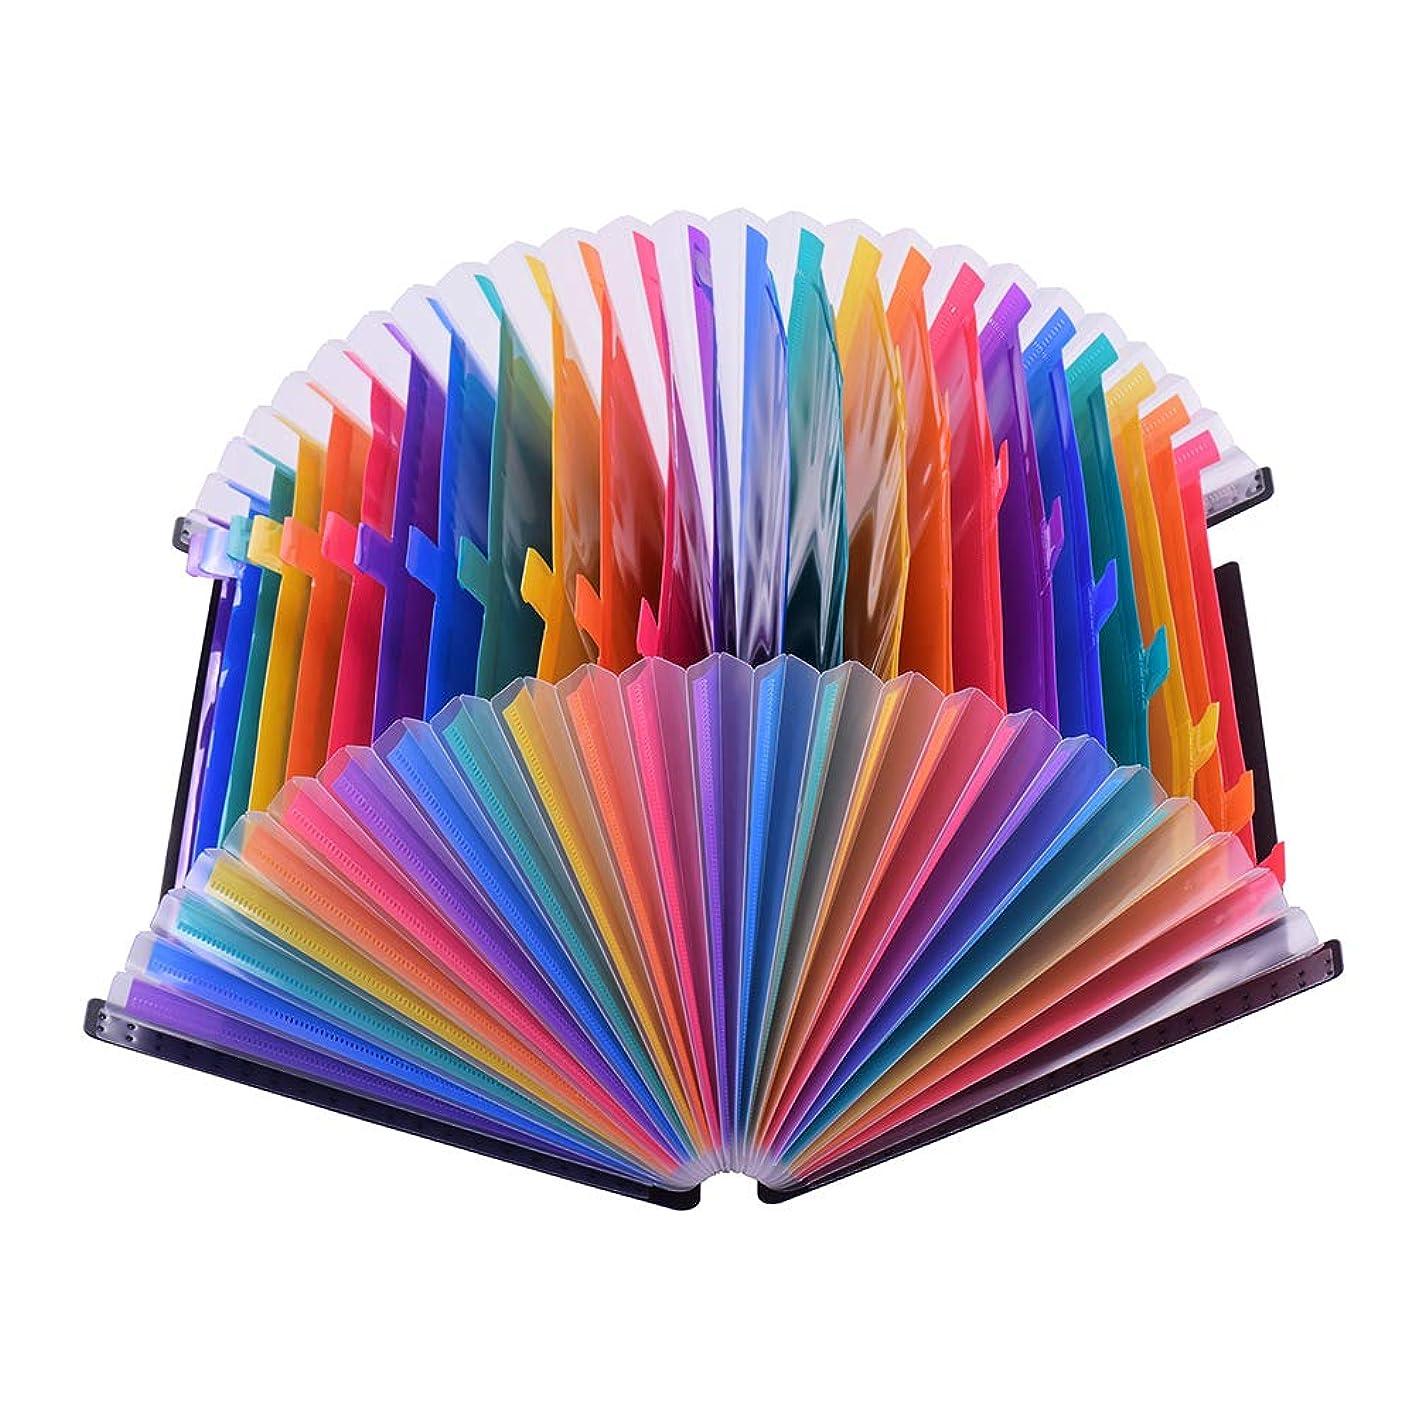 パパ憤るグラムAibecy Aibecy 24ポケットファイルフォルダオーガナイザー拡張ファイルフォルダレインボーカラーアコーディオンA4サイズのファイルガイドとペーパー/ビジネス/スタディ/ホーム用